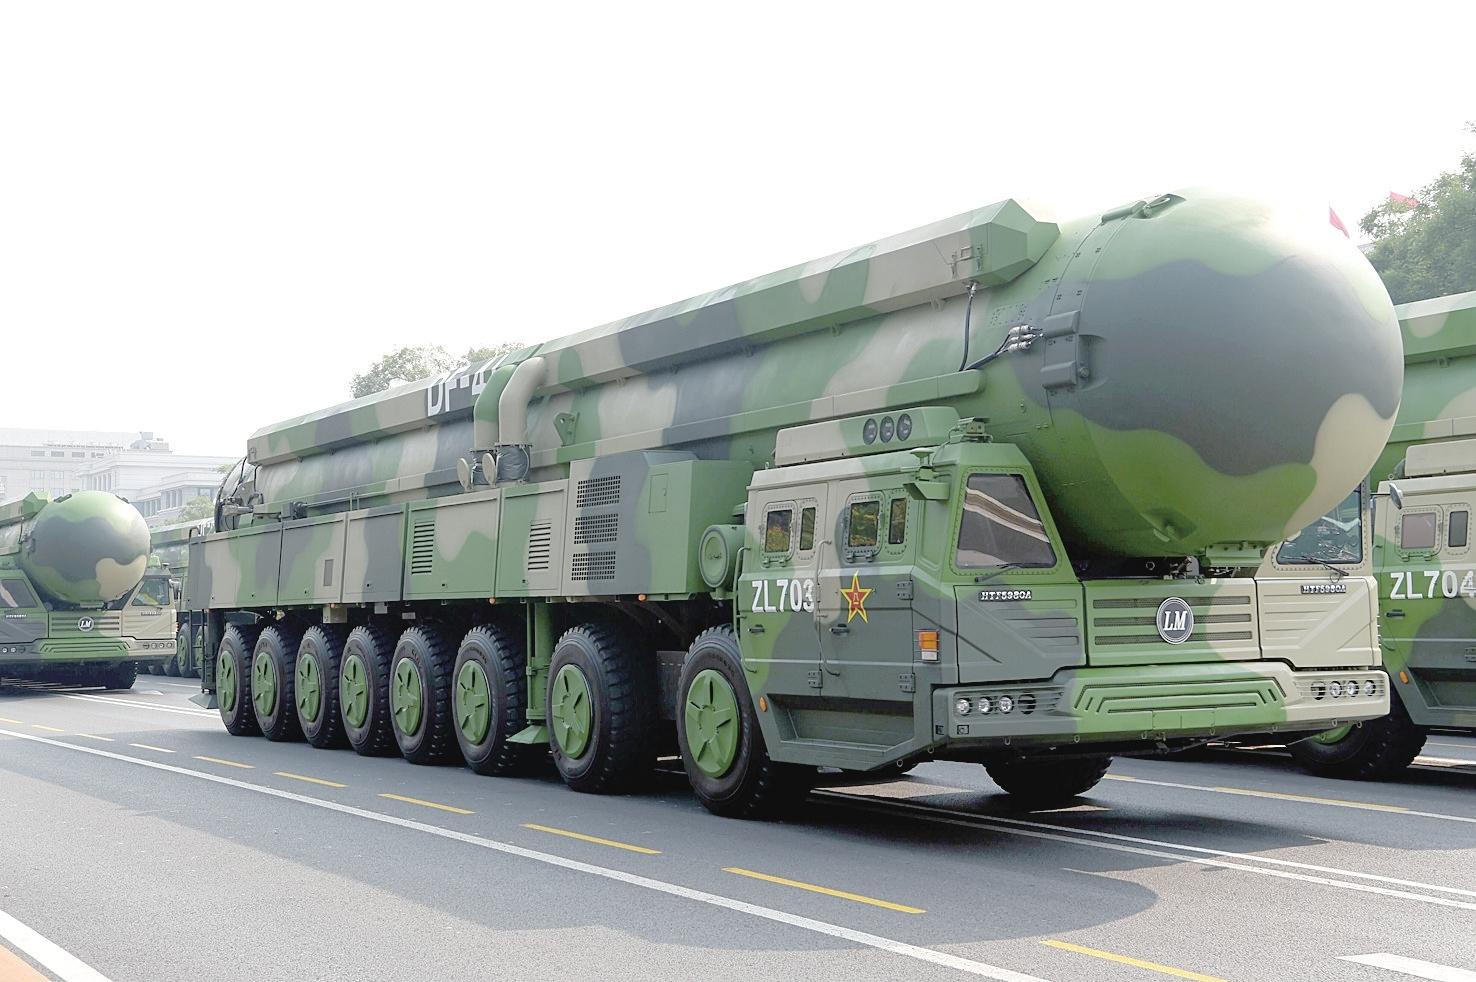 41核导弹方队:中国十大品牌茶叶我国策略核实力的国度栋梁